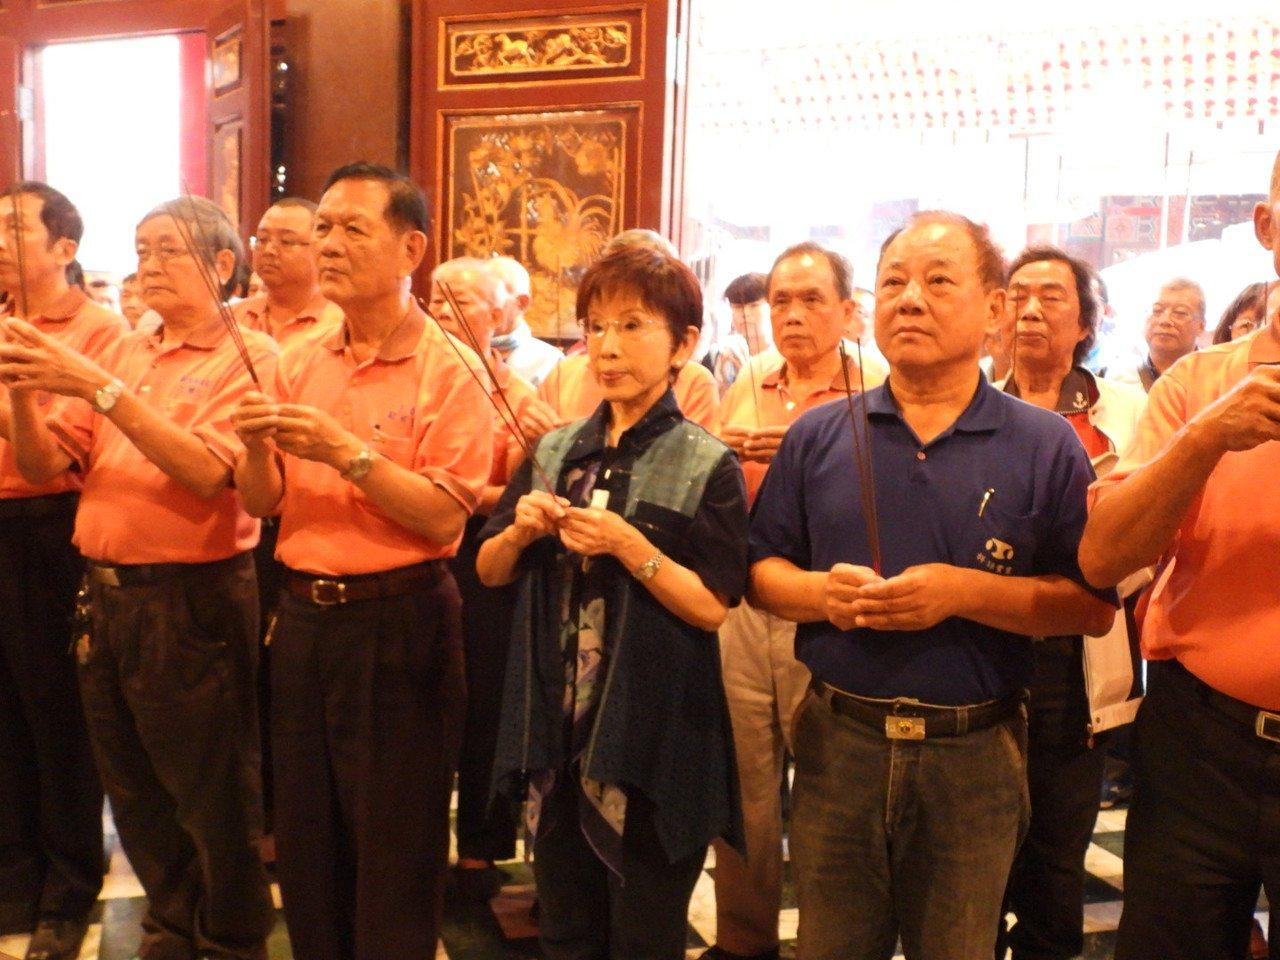 黃秀祝由地方人士陪同到山西宮參拜。記者周宗禎/攝影